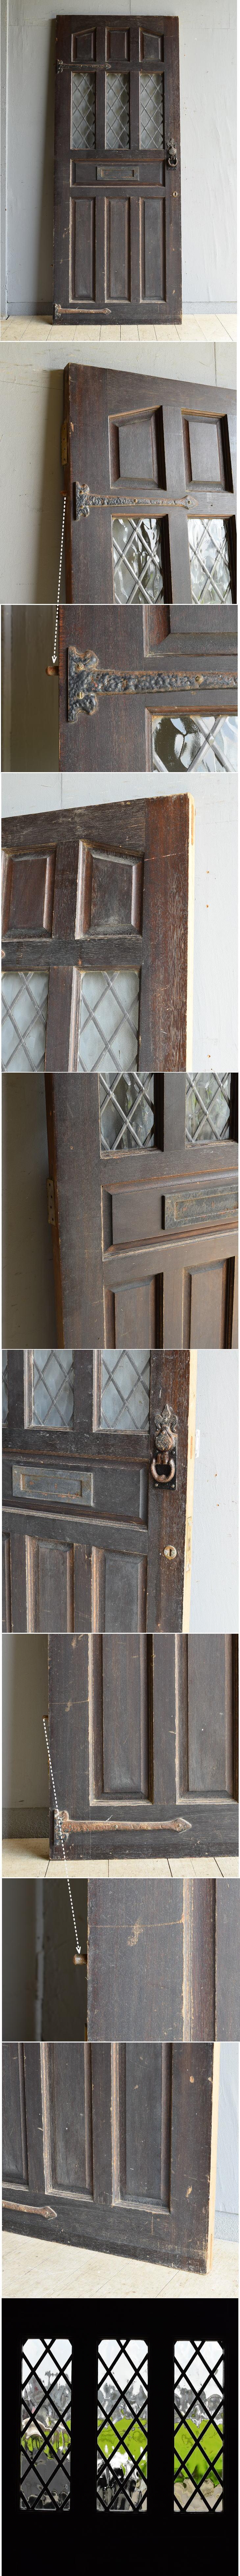 イギリス アンティーク ドア 扉 建具 8118